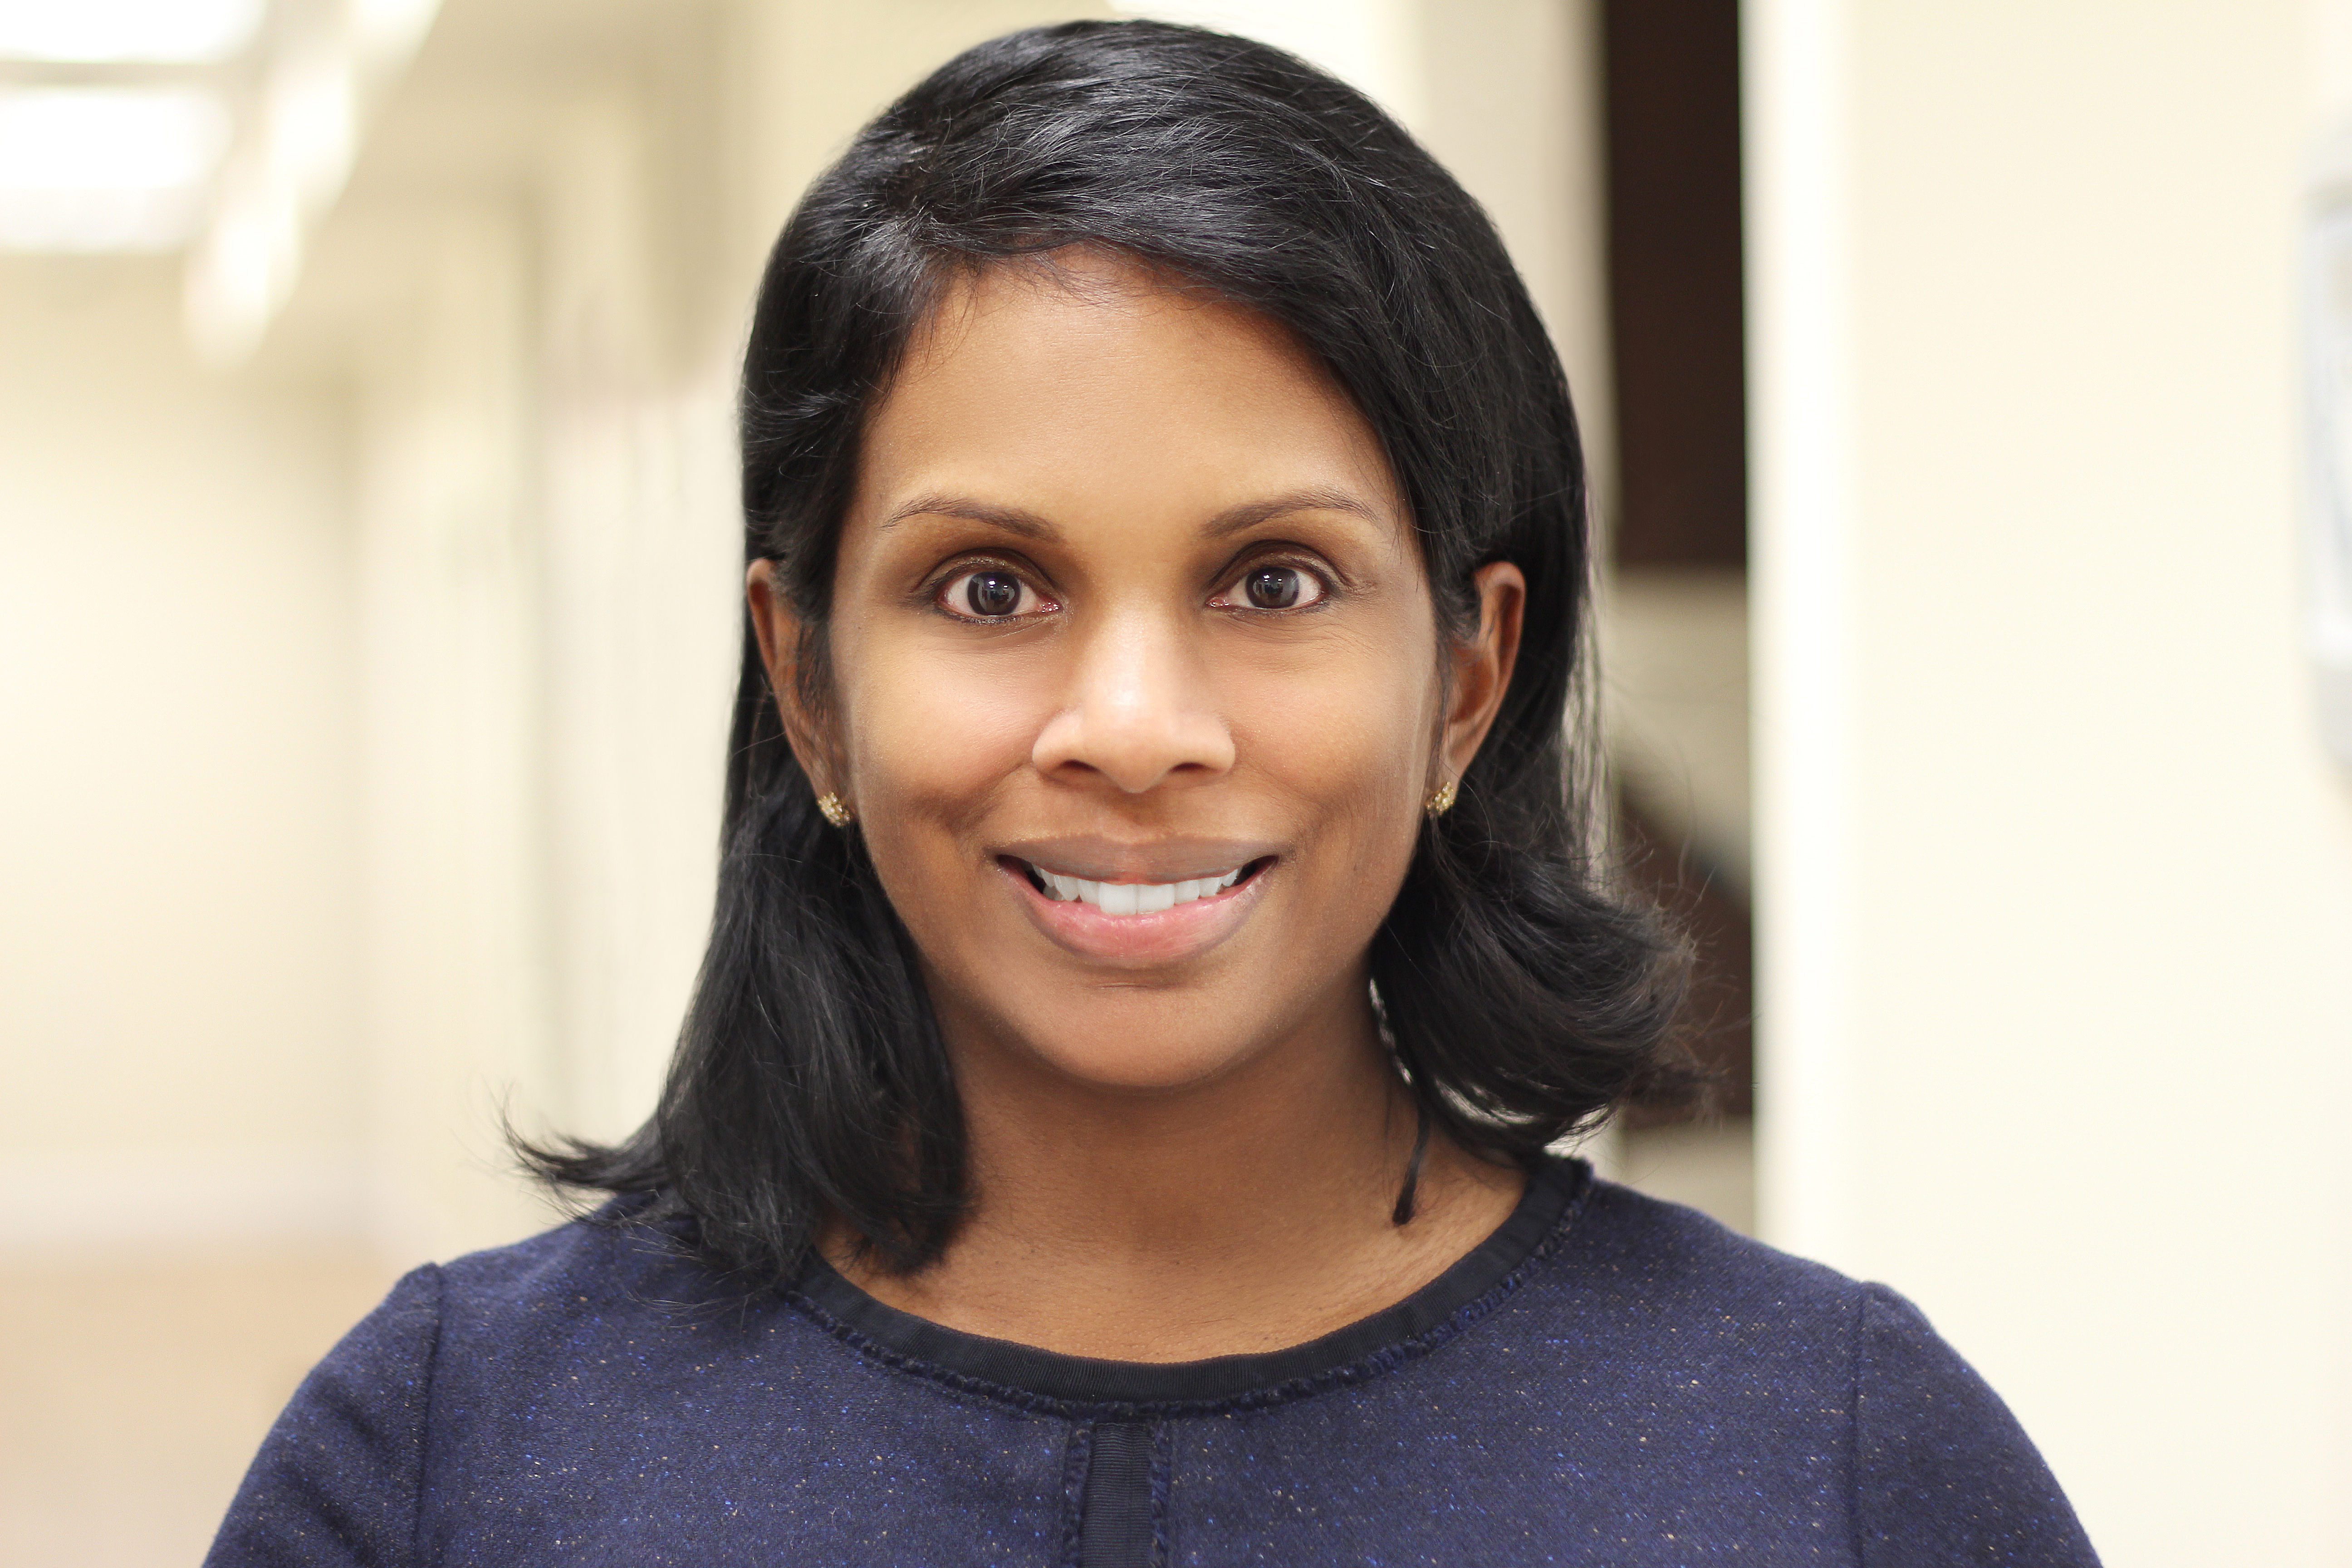 Chithra Durgam, D.D.S.